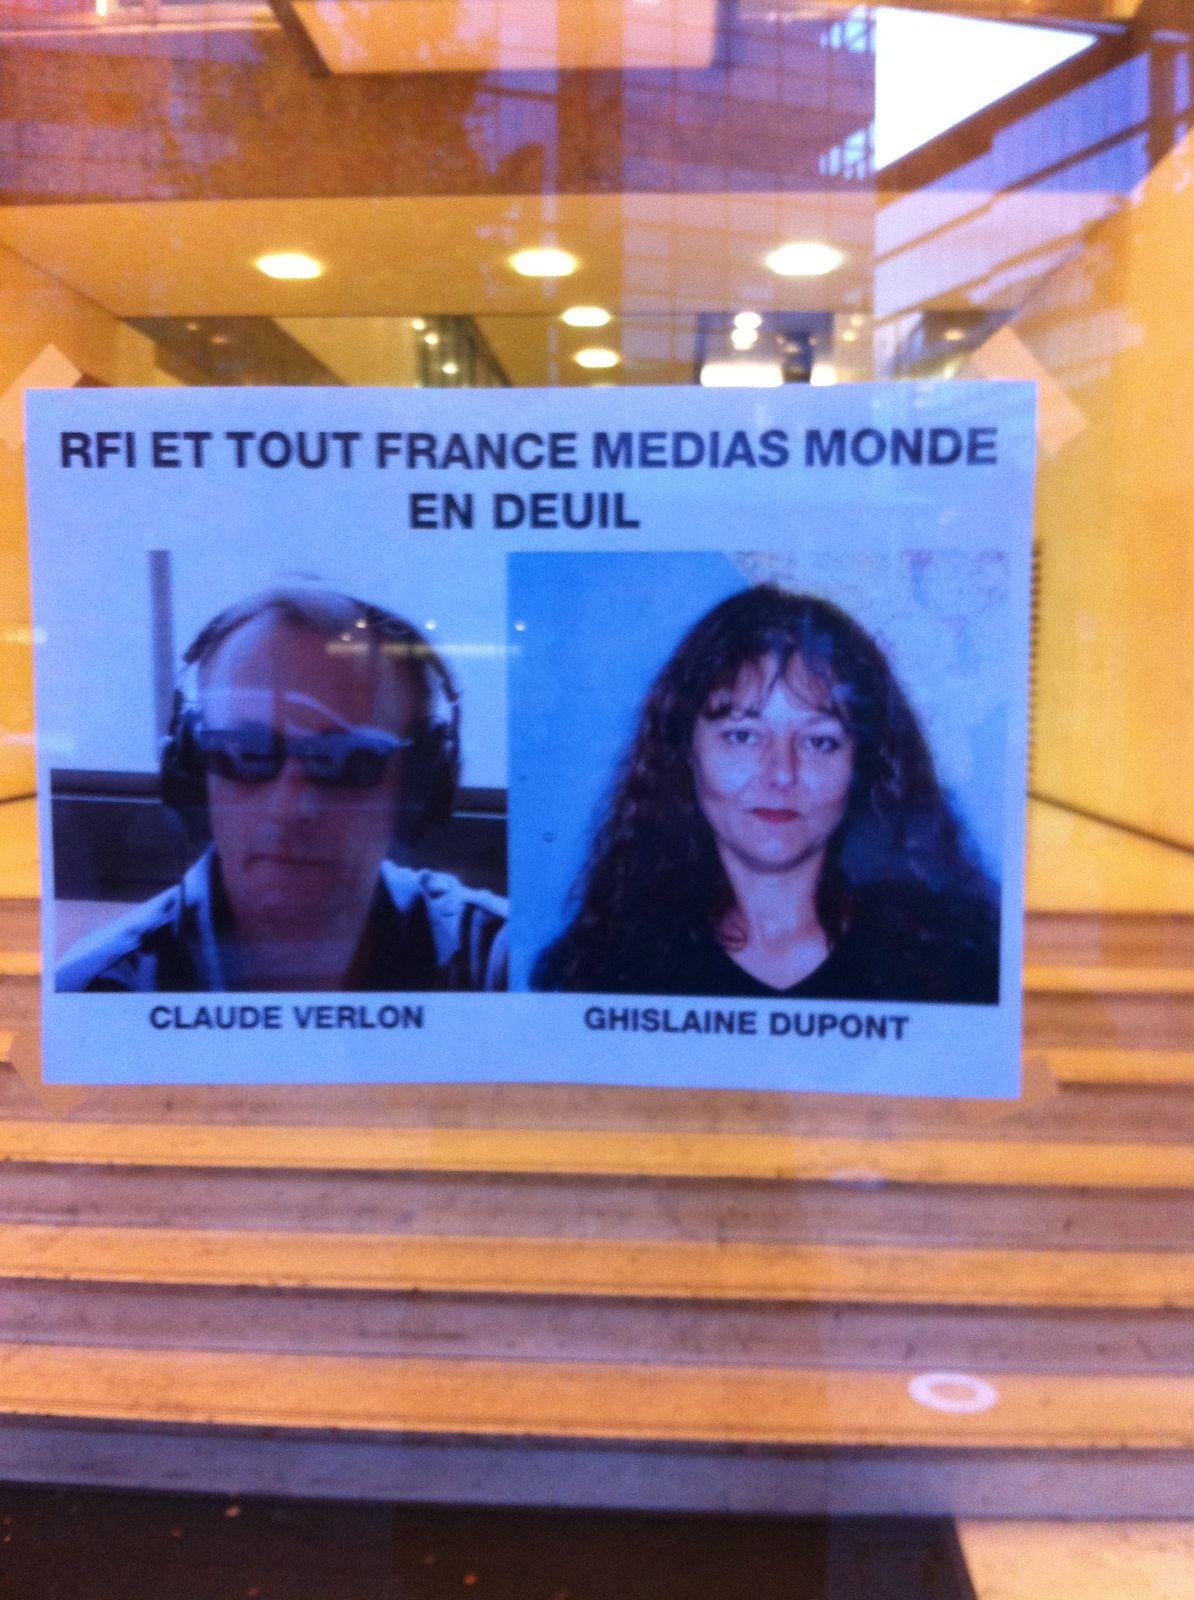 Porte d'entrées rue des nations unies , France 24 , 5 novembre 2013 à 9H.